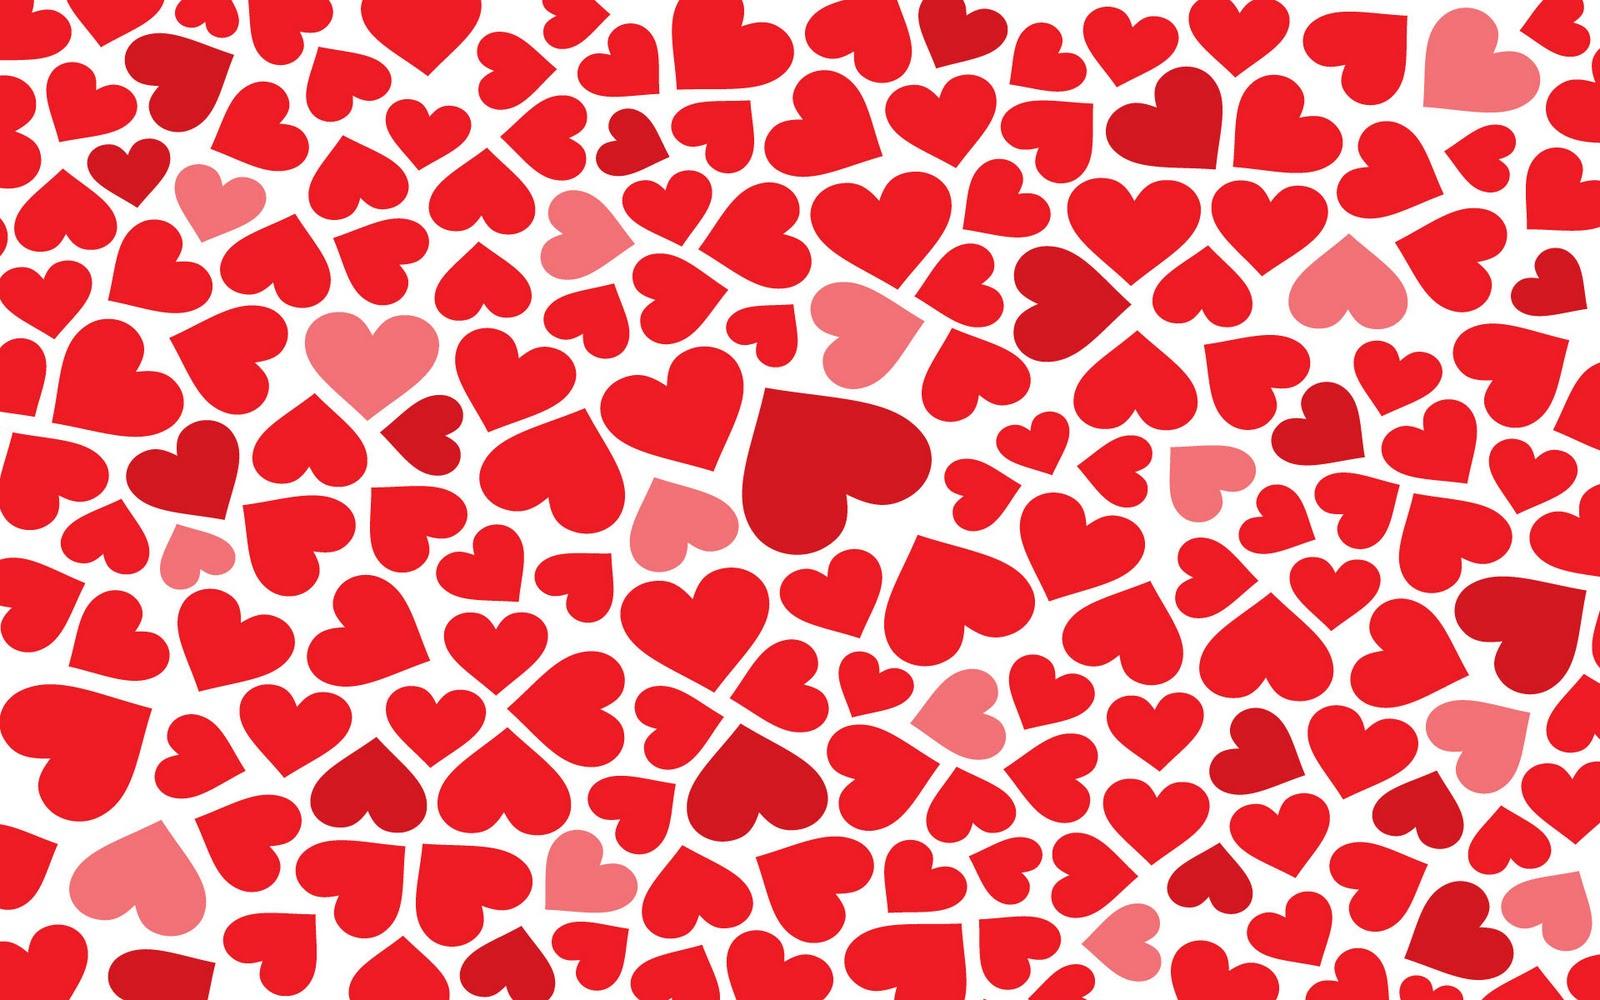 Met Hartjes Paarse Liefdes Afbeelding Met Hartjes En Abstracte Lijnen